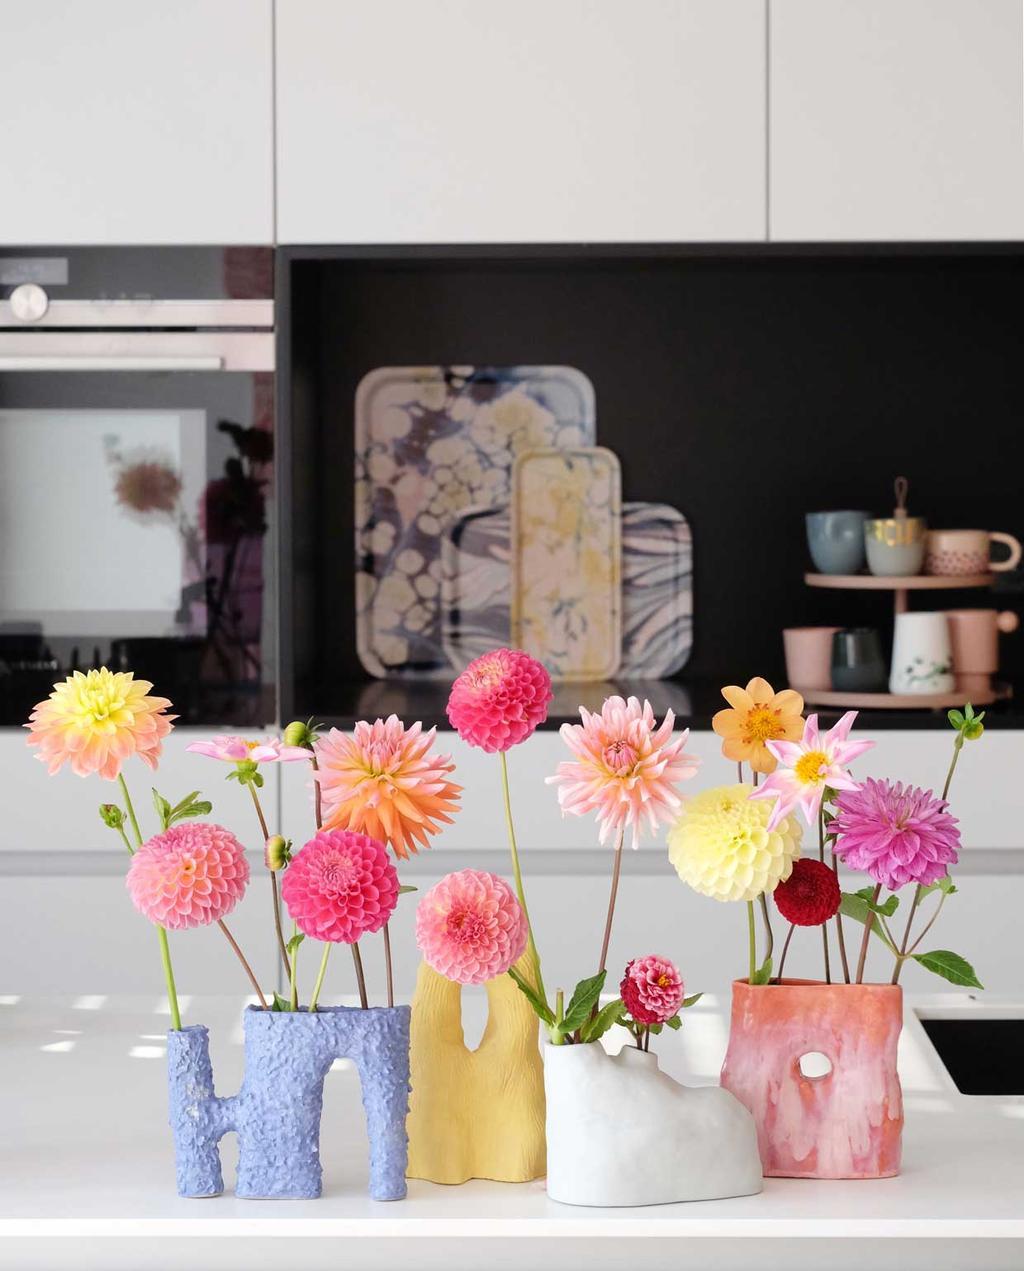 vtwonen blog prchtg | keramieke vaasjes met bloemen in de keuken